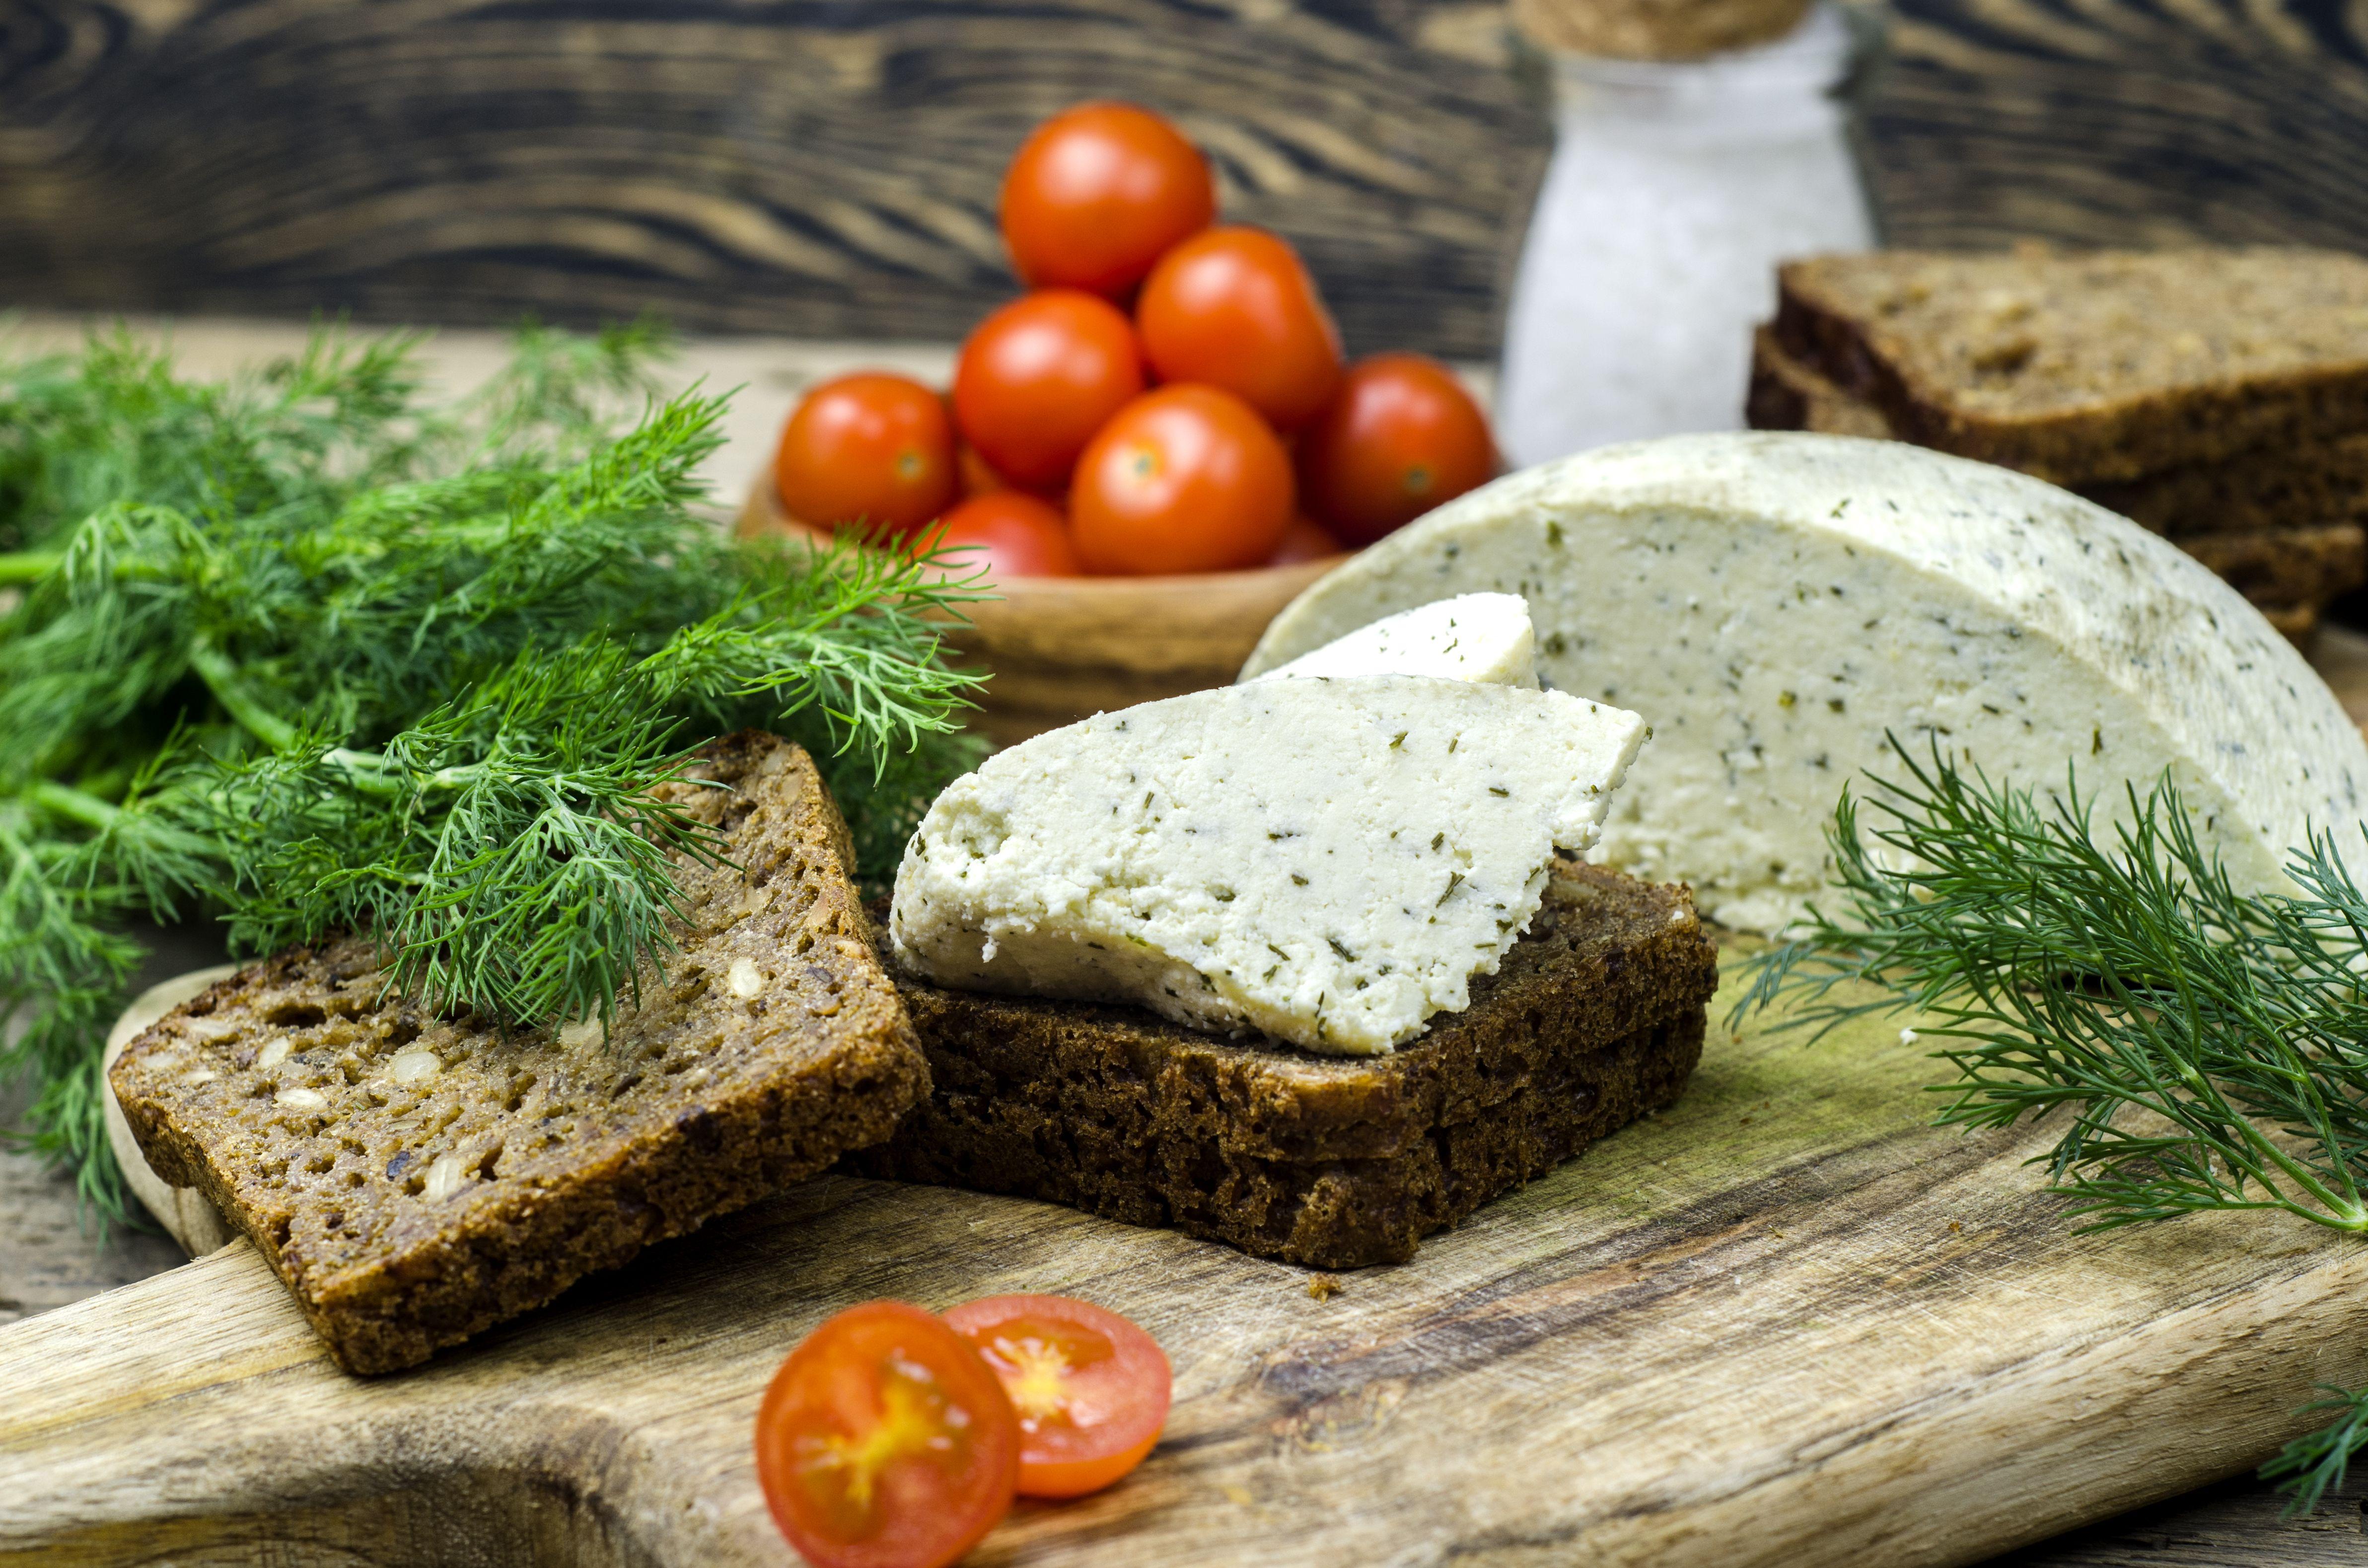 Режим питания в режиме самоизоляции: как не навредить организму